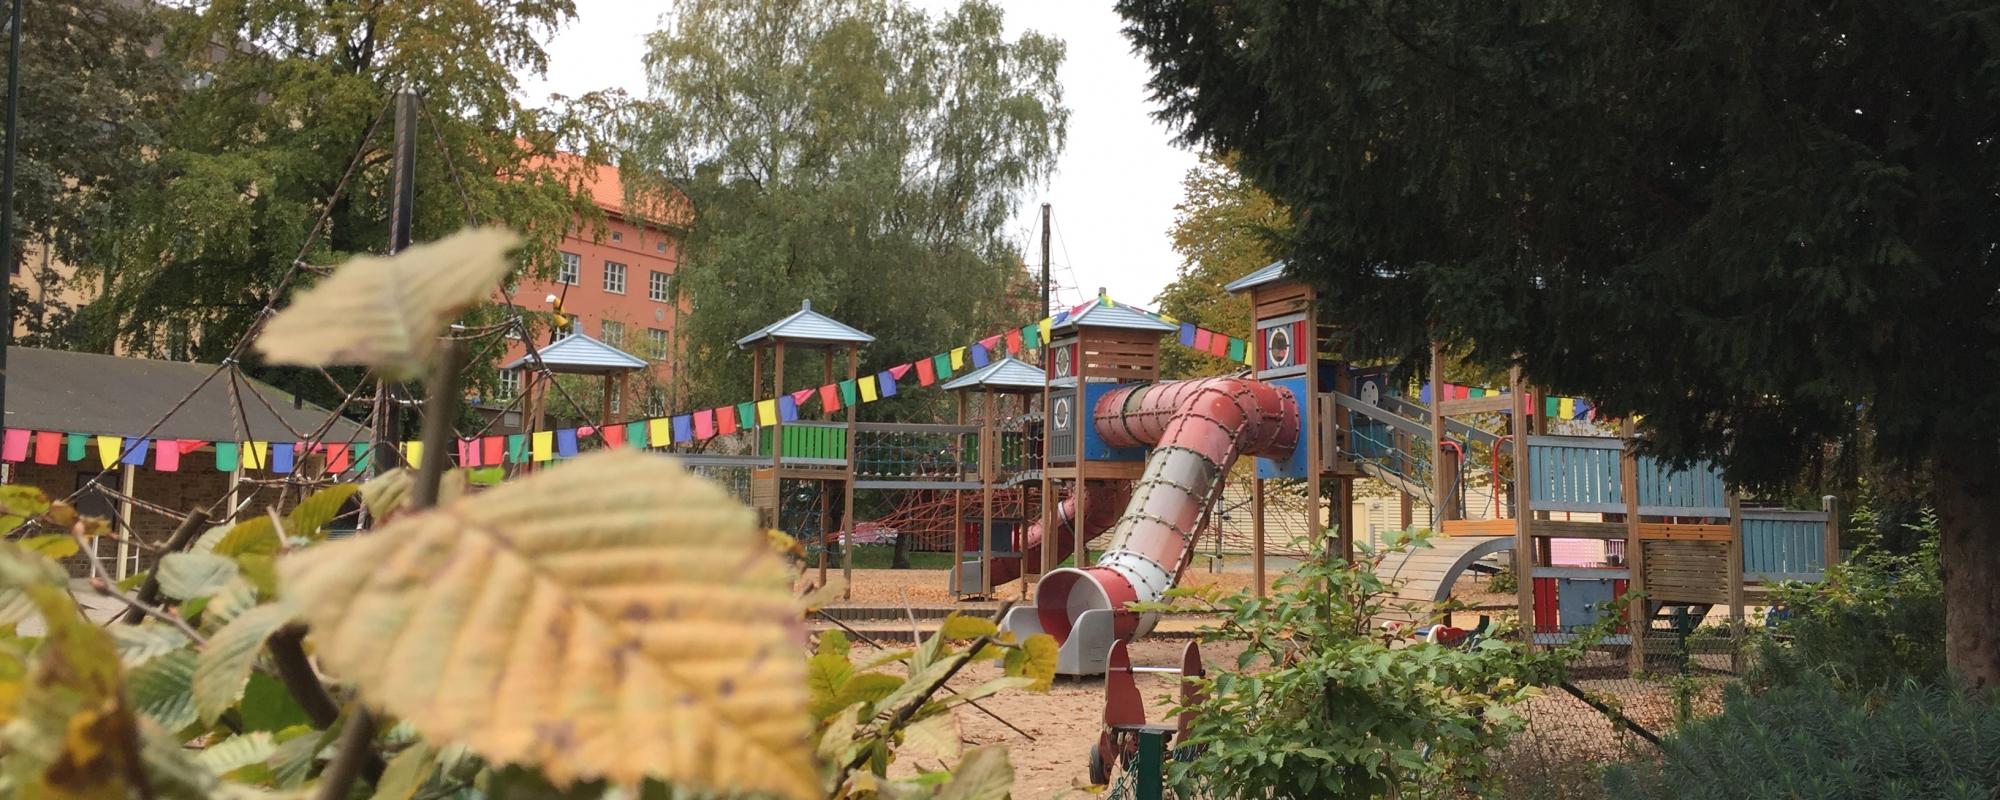 Lekplats skymtar bakom gröna buskar och träd. Färgglada flaggor synd också.